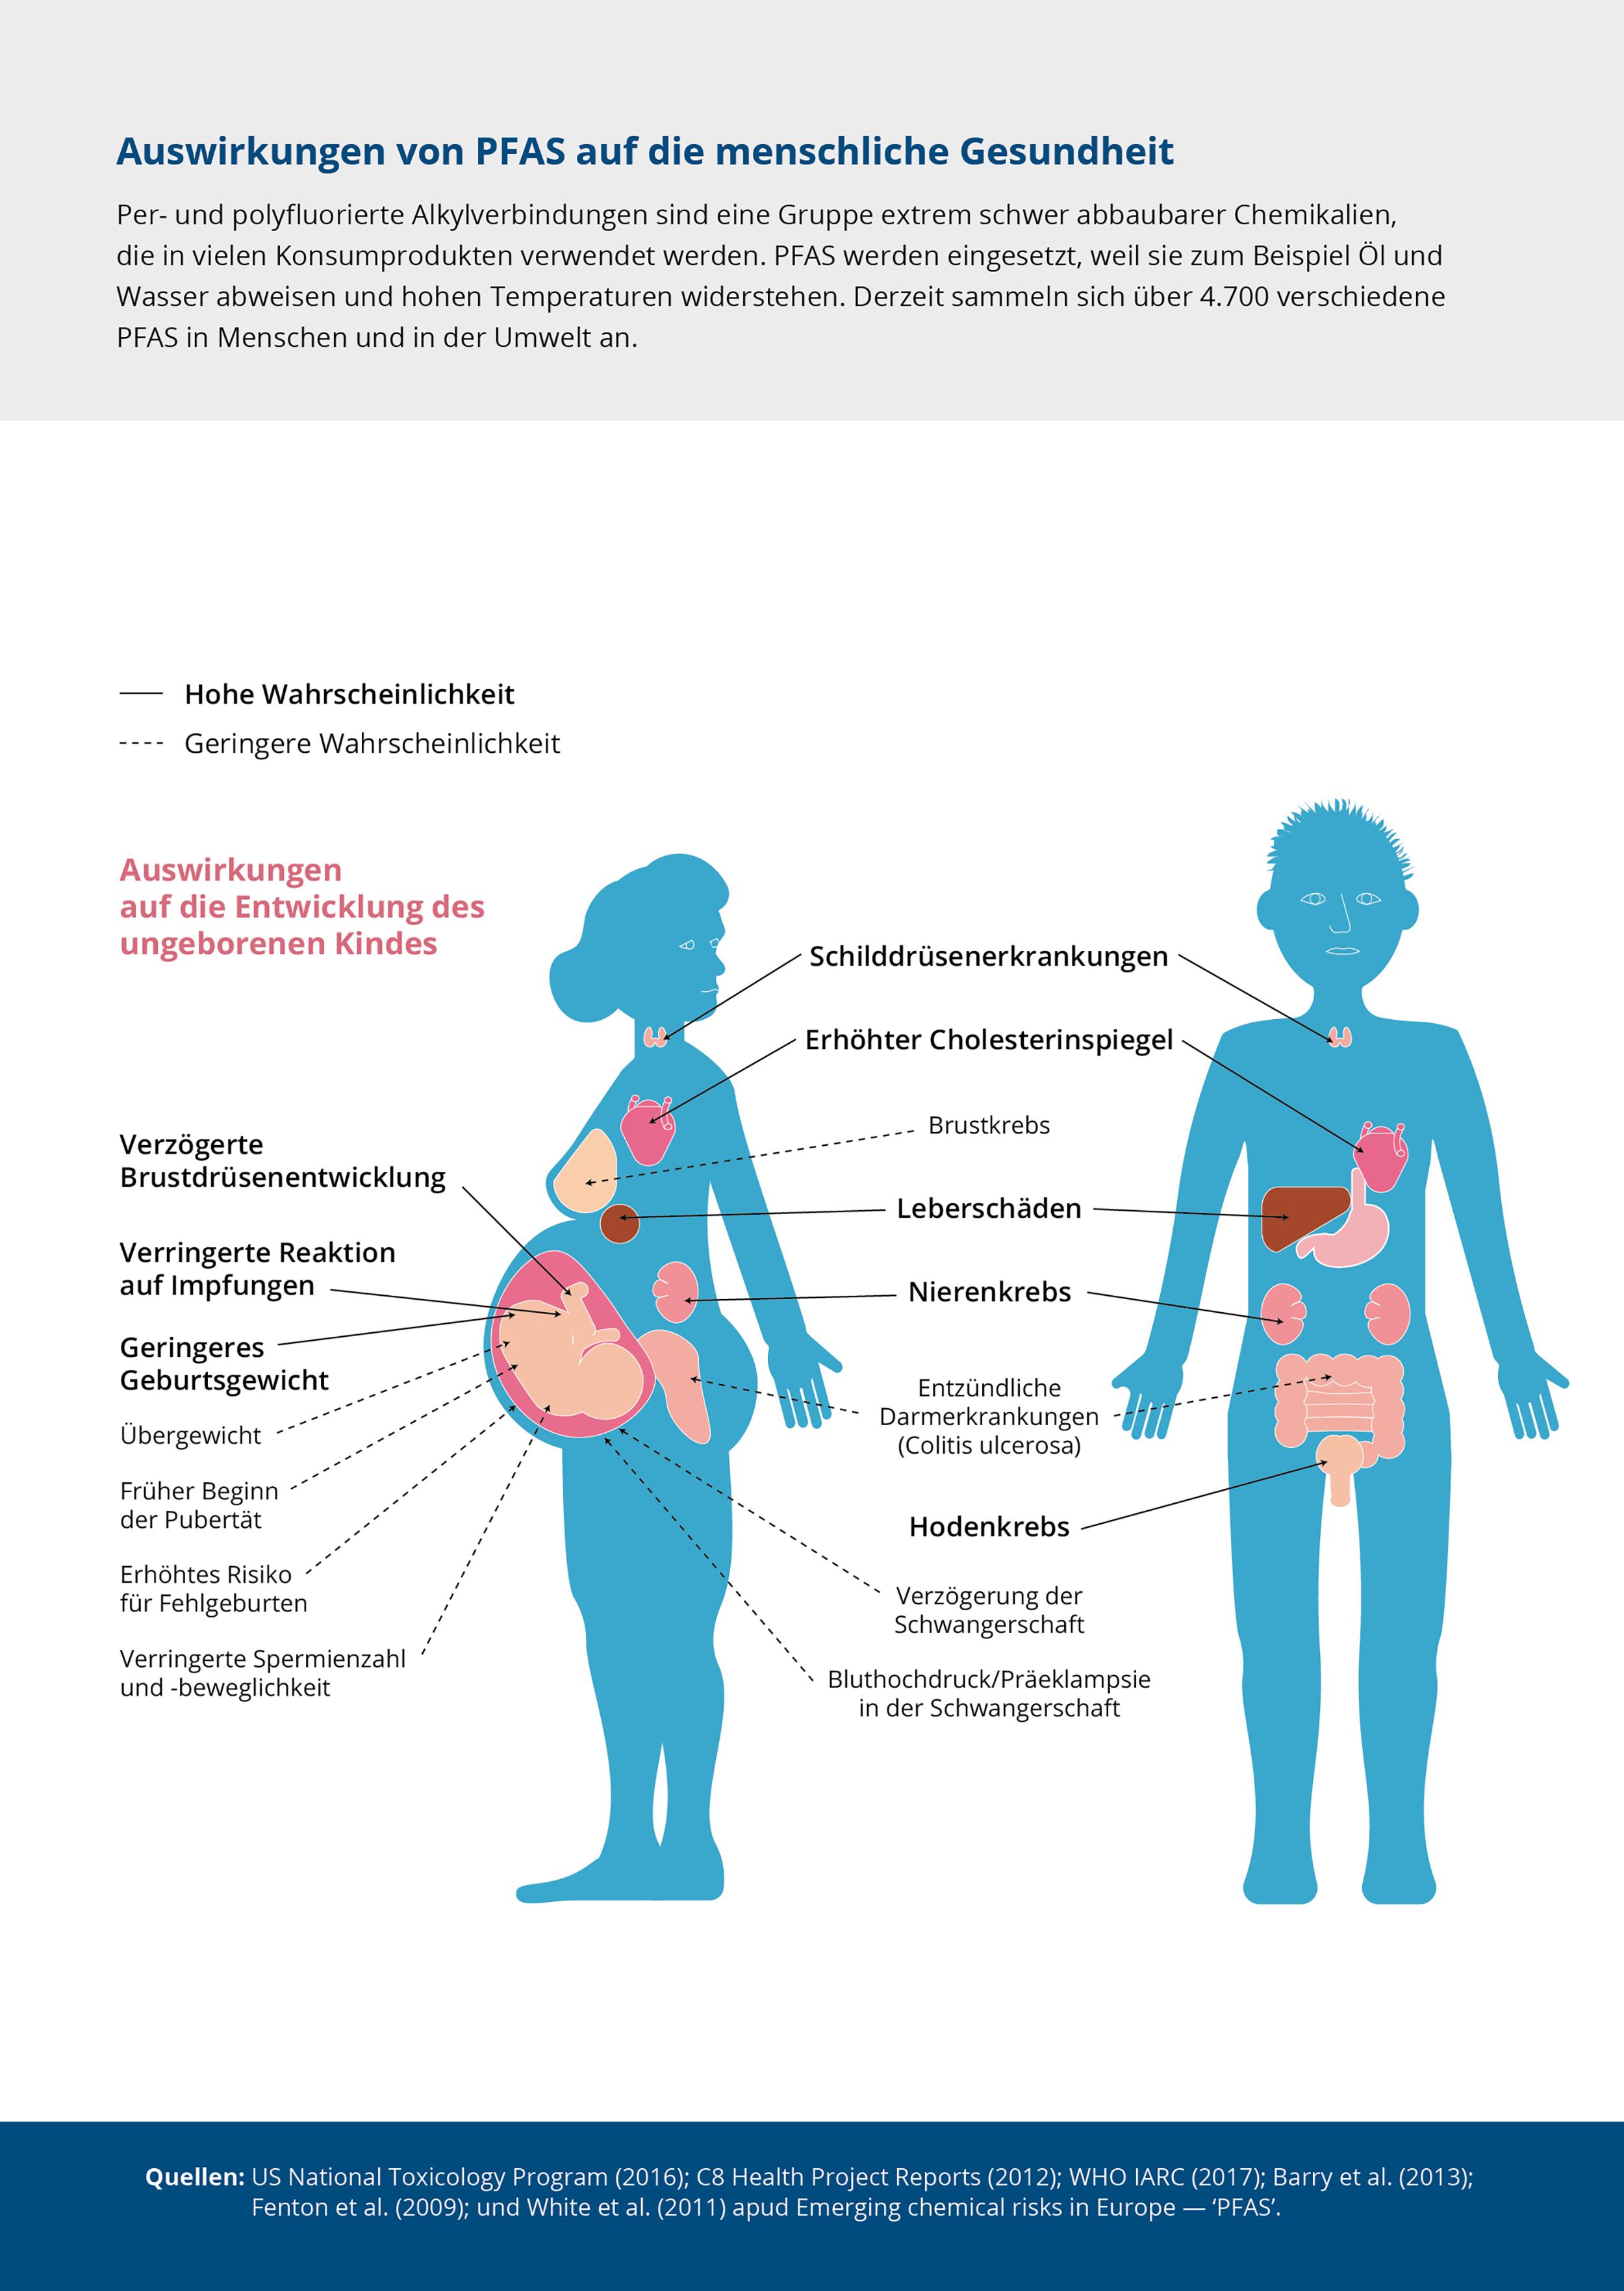 Auswirkungen von PFAS auf die menschliche Gesundheit